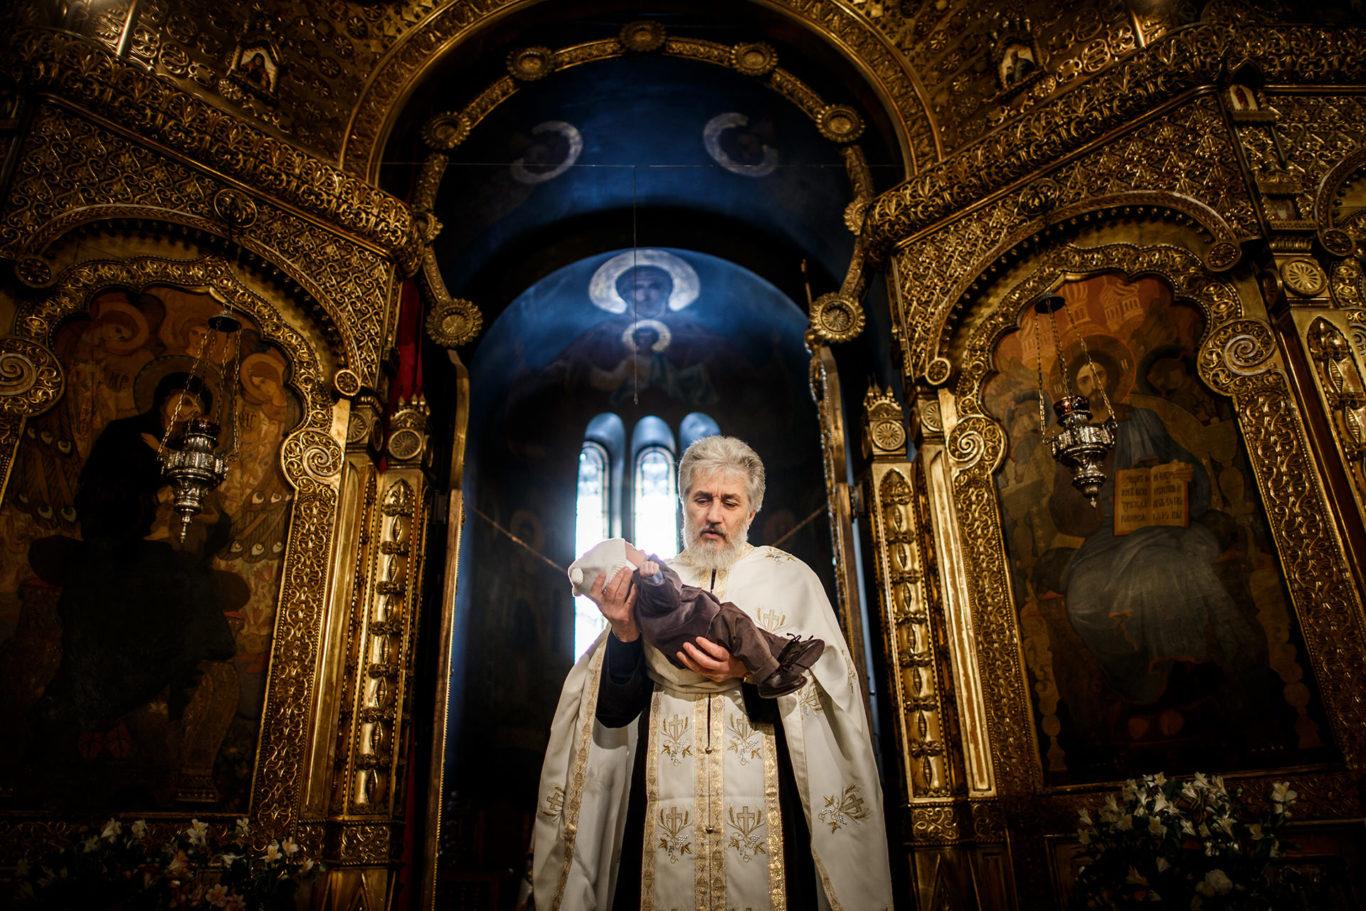 Botez la Biserica Rusa - Ioan fotograf Ciprian Dumitrescu